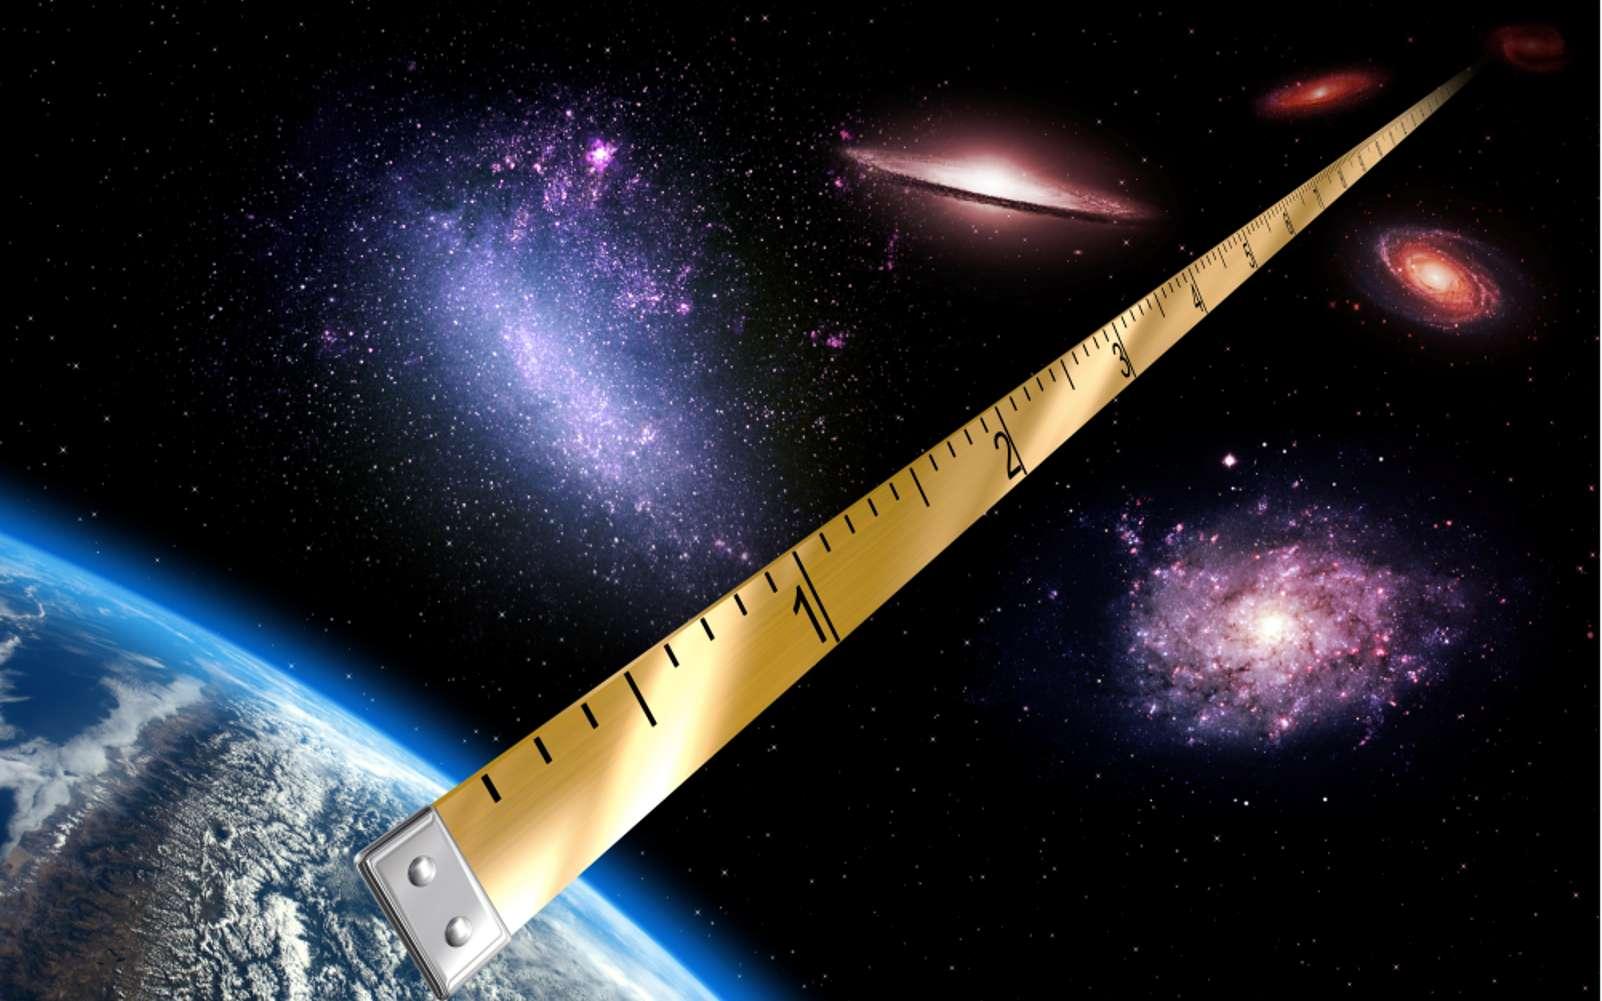 Figure d'artiste. Pour la première fois, l'équipe du projet Araucaria a déterminé la distance du Grand Nuage de Magellan avec une précision de 1 %. Cette précision est comparable par exemple à celle que l'on peut atteindre en mesurant la taille d'une personne à une longueur de cheveu près, à la « simple » différence que dans le cas du GNM, la distance mesurée correspond à 162.000 années-lumière, soit 1,53 milliard de milliards de kilomètres. © CNRS, Insu